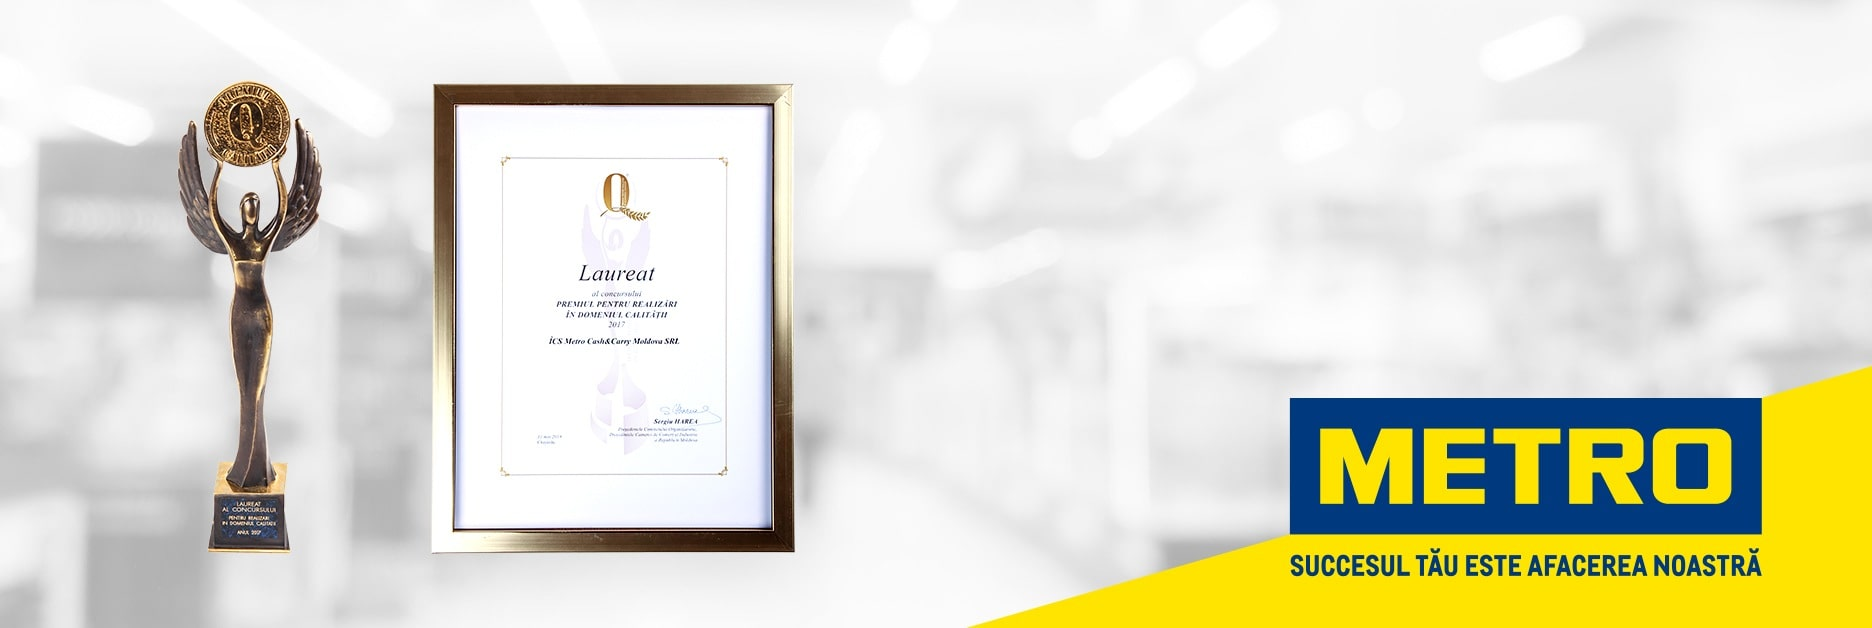 Calitate Metro - trofeu pentru respectarea standartelor de calitate internationale